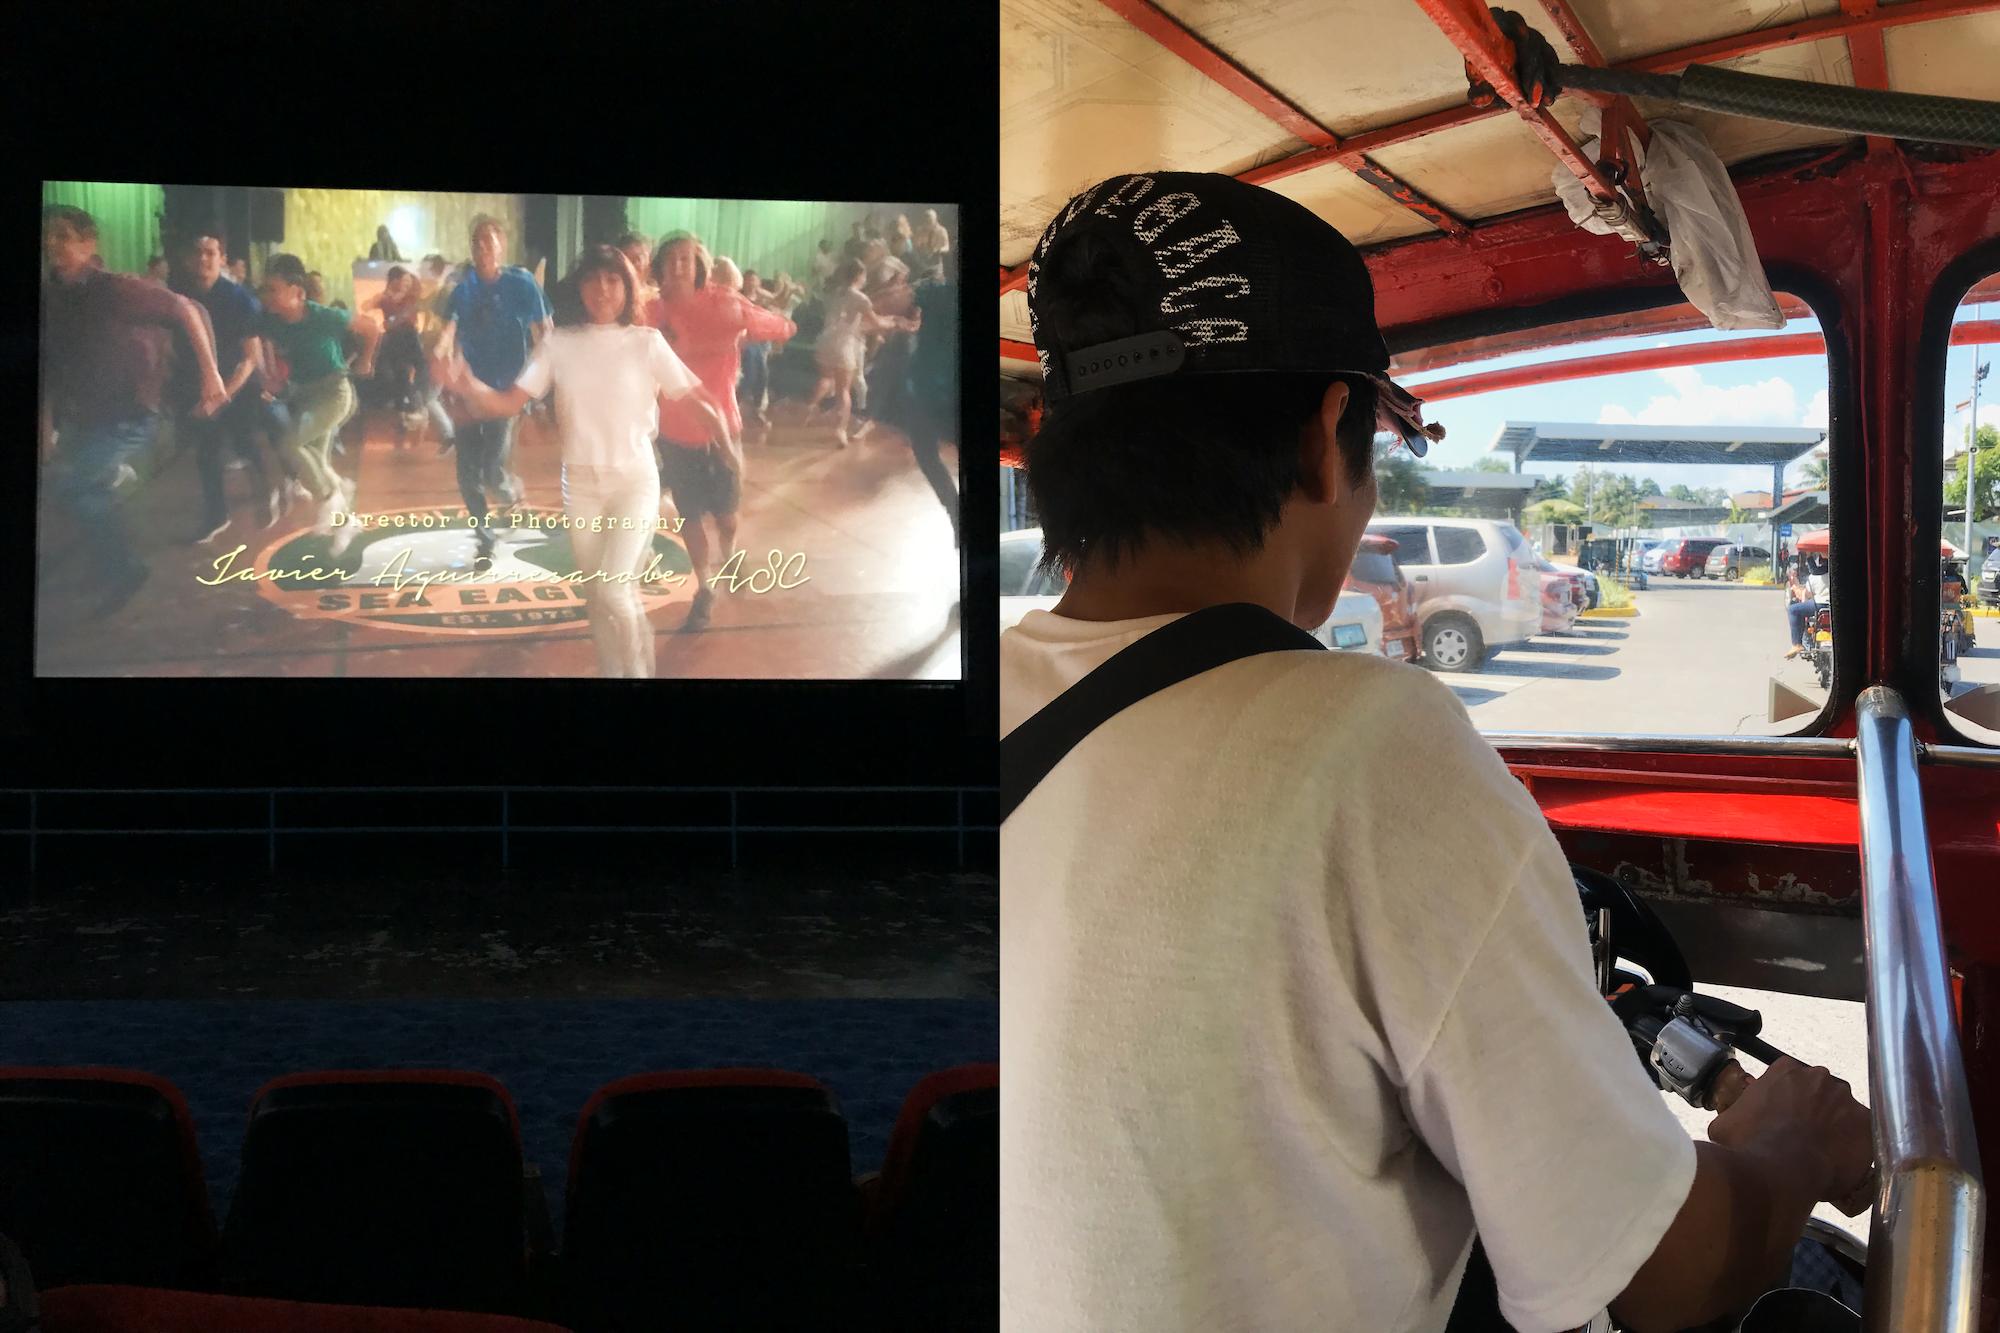 filipijnen-bioscoop